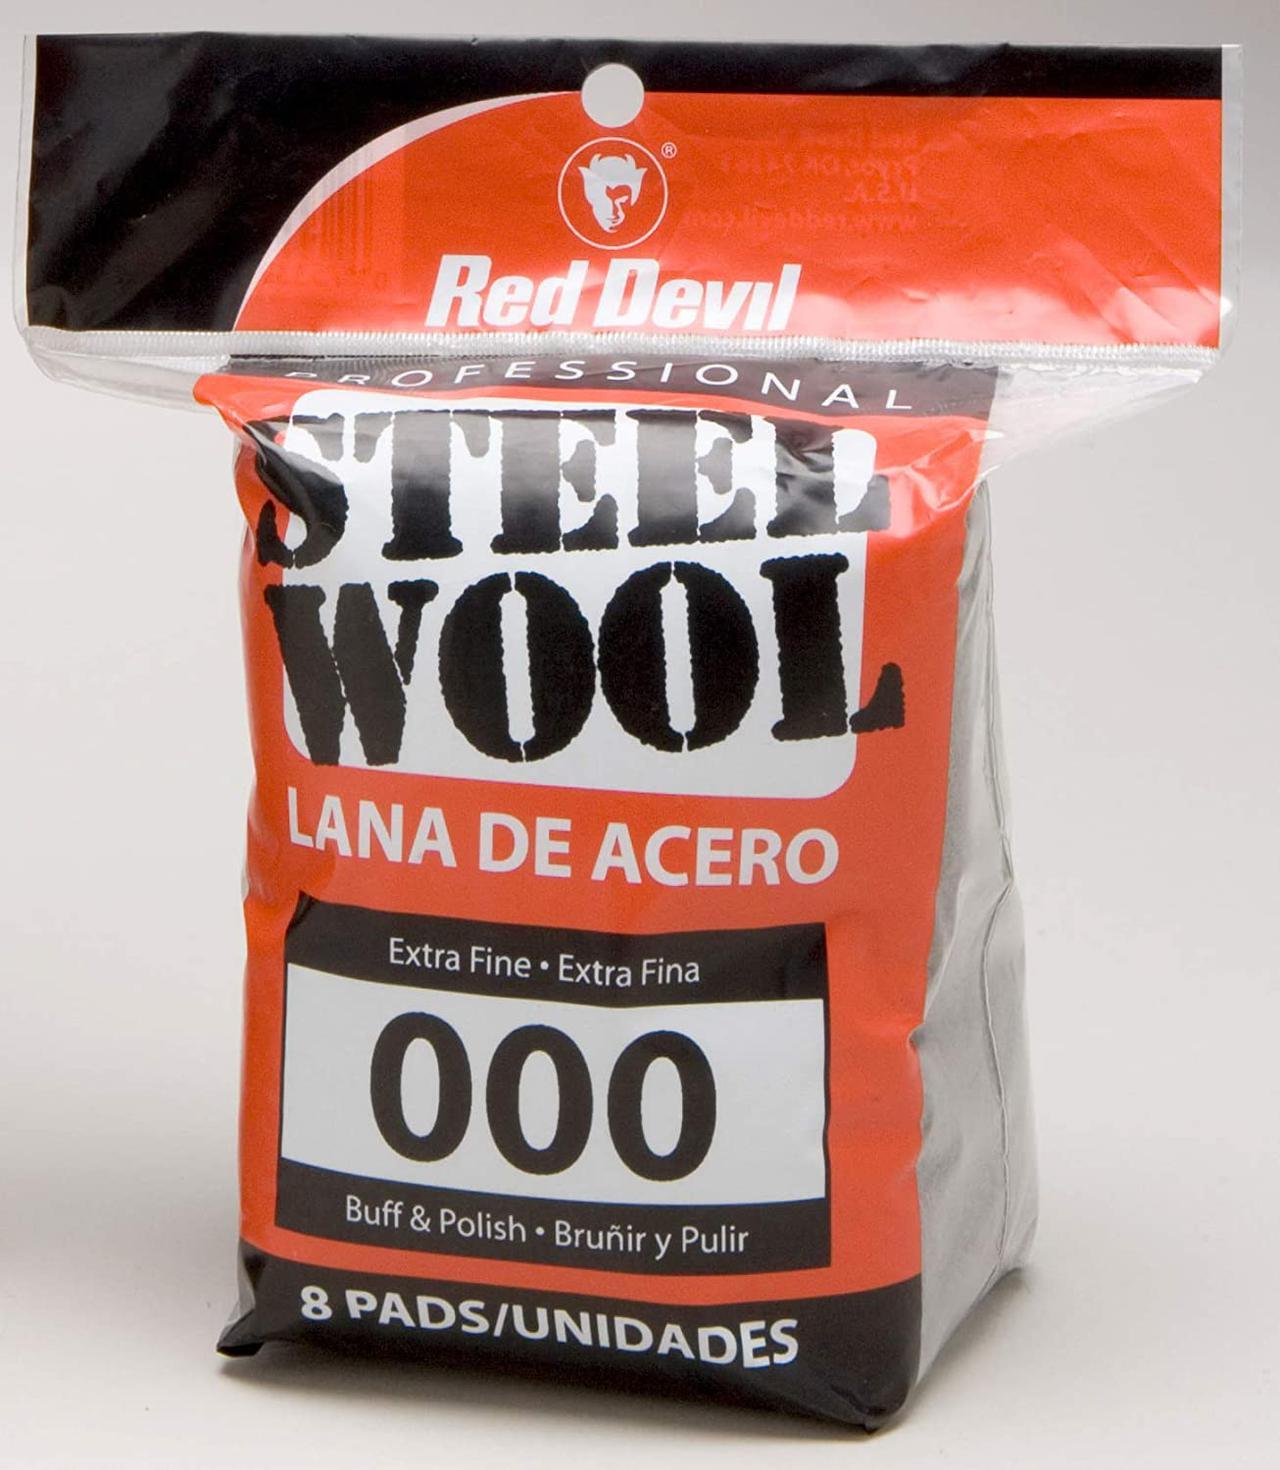 000 steel wool.jpg